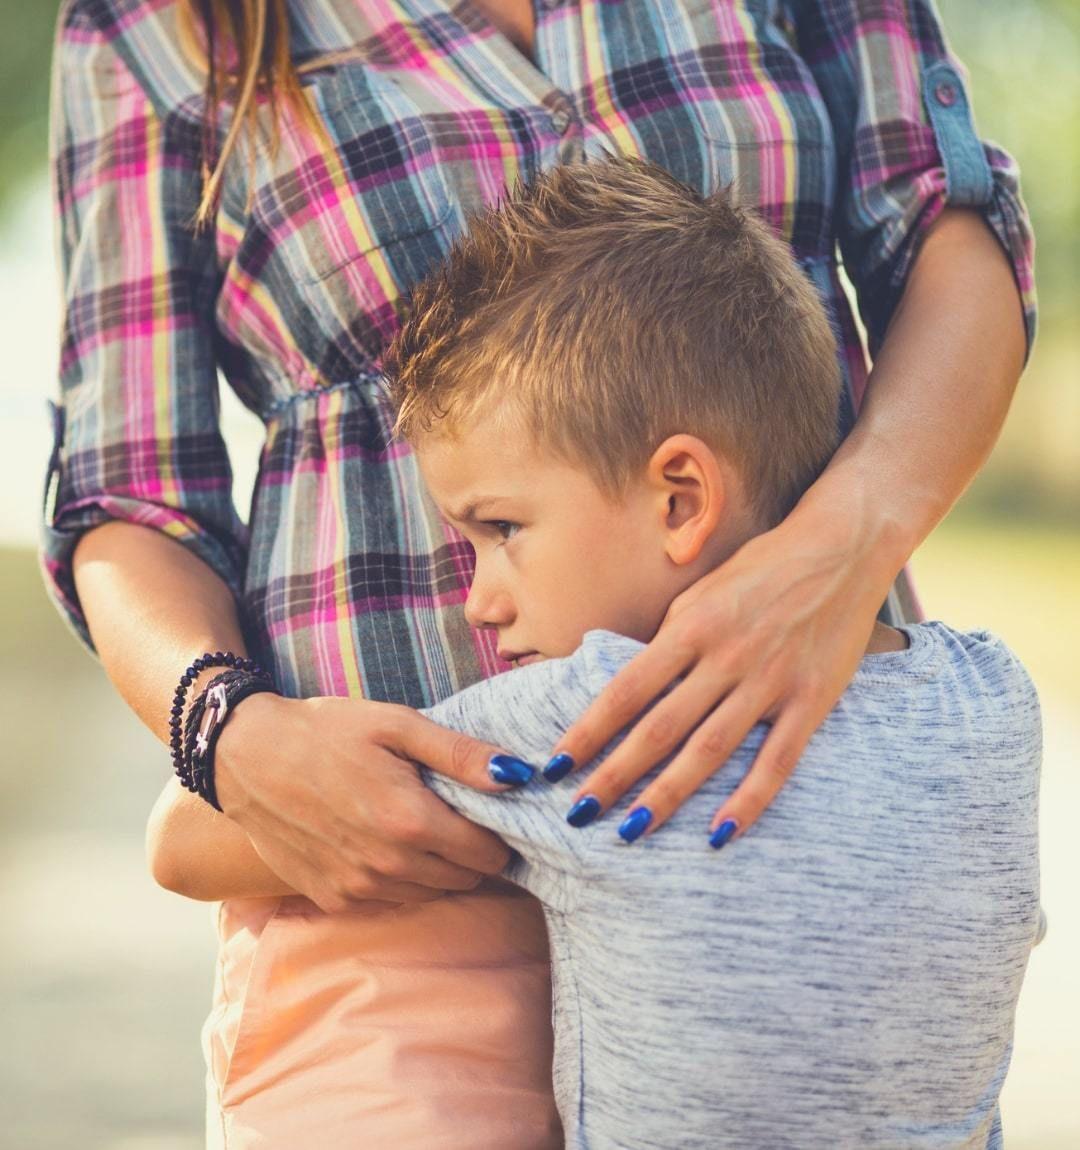 اختلال اضطراب جدایی در کودک و هر آنچه والدین و پرستار کودک باید در این مورد بدانند